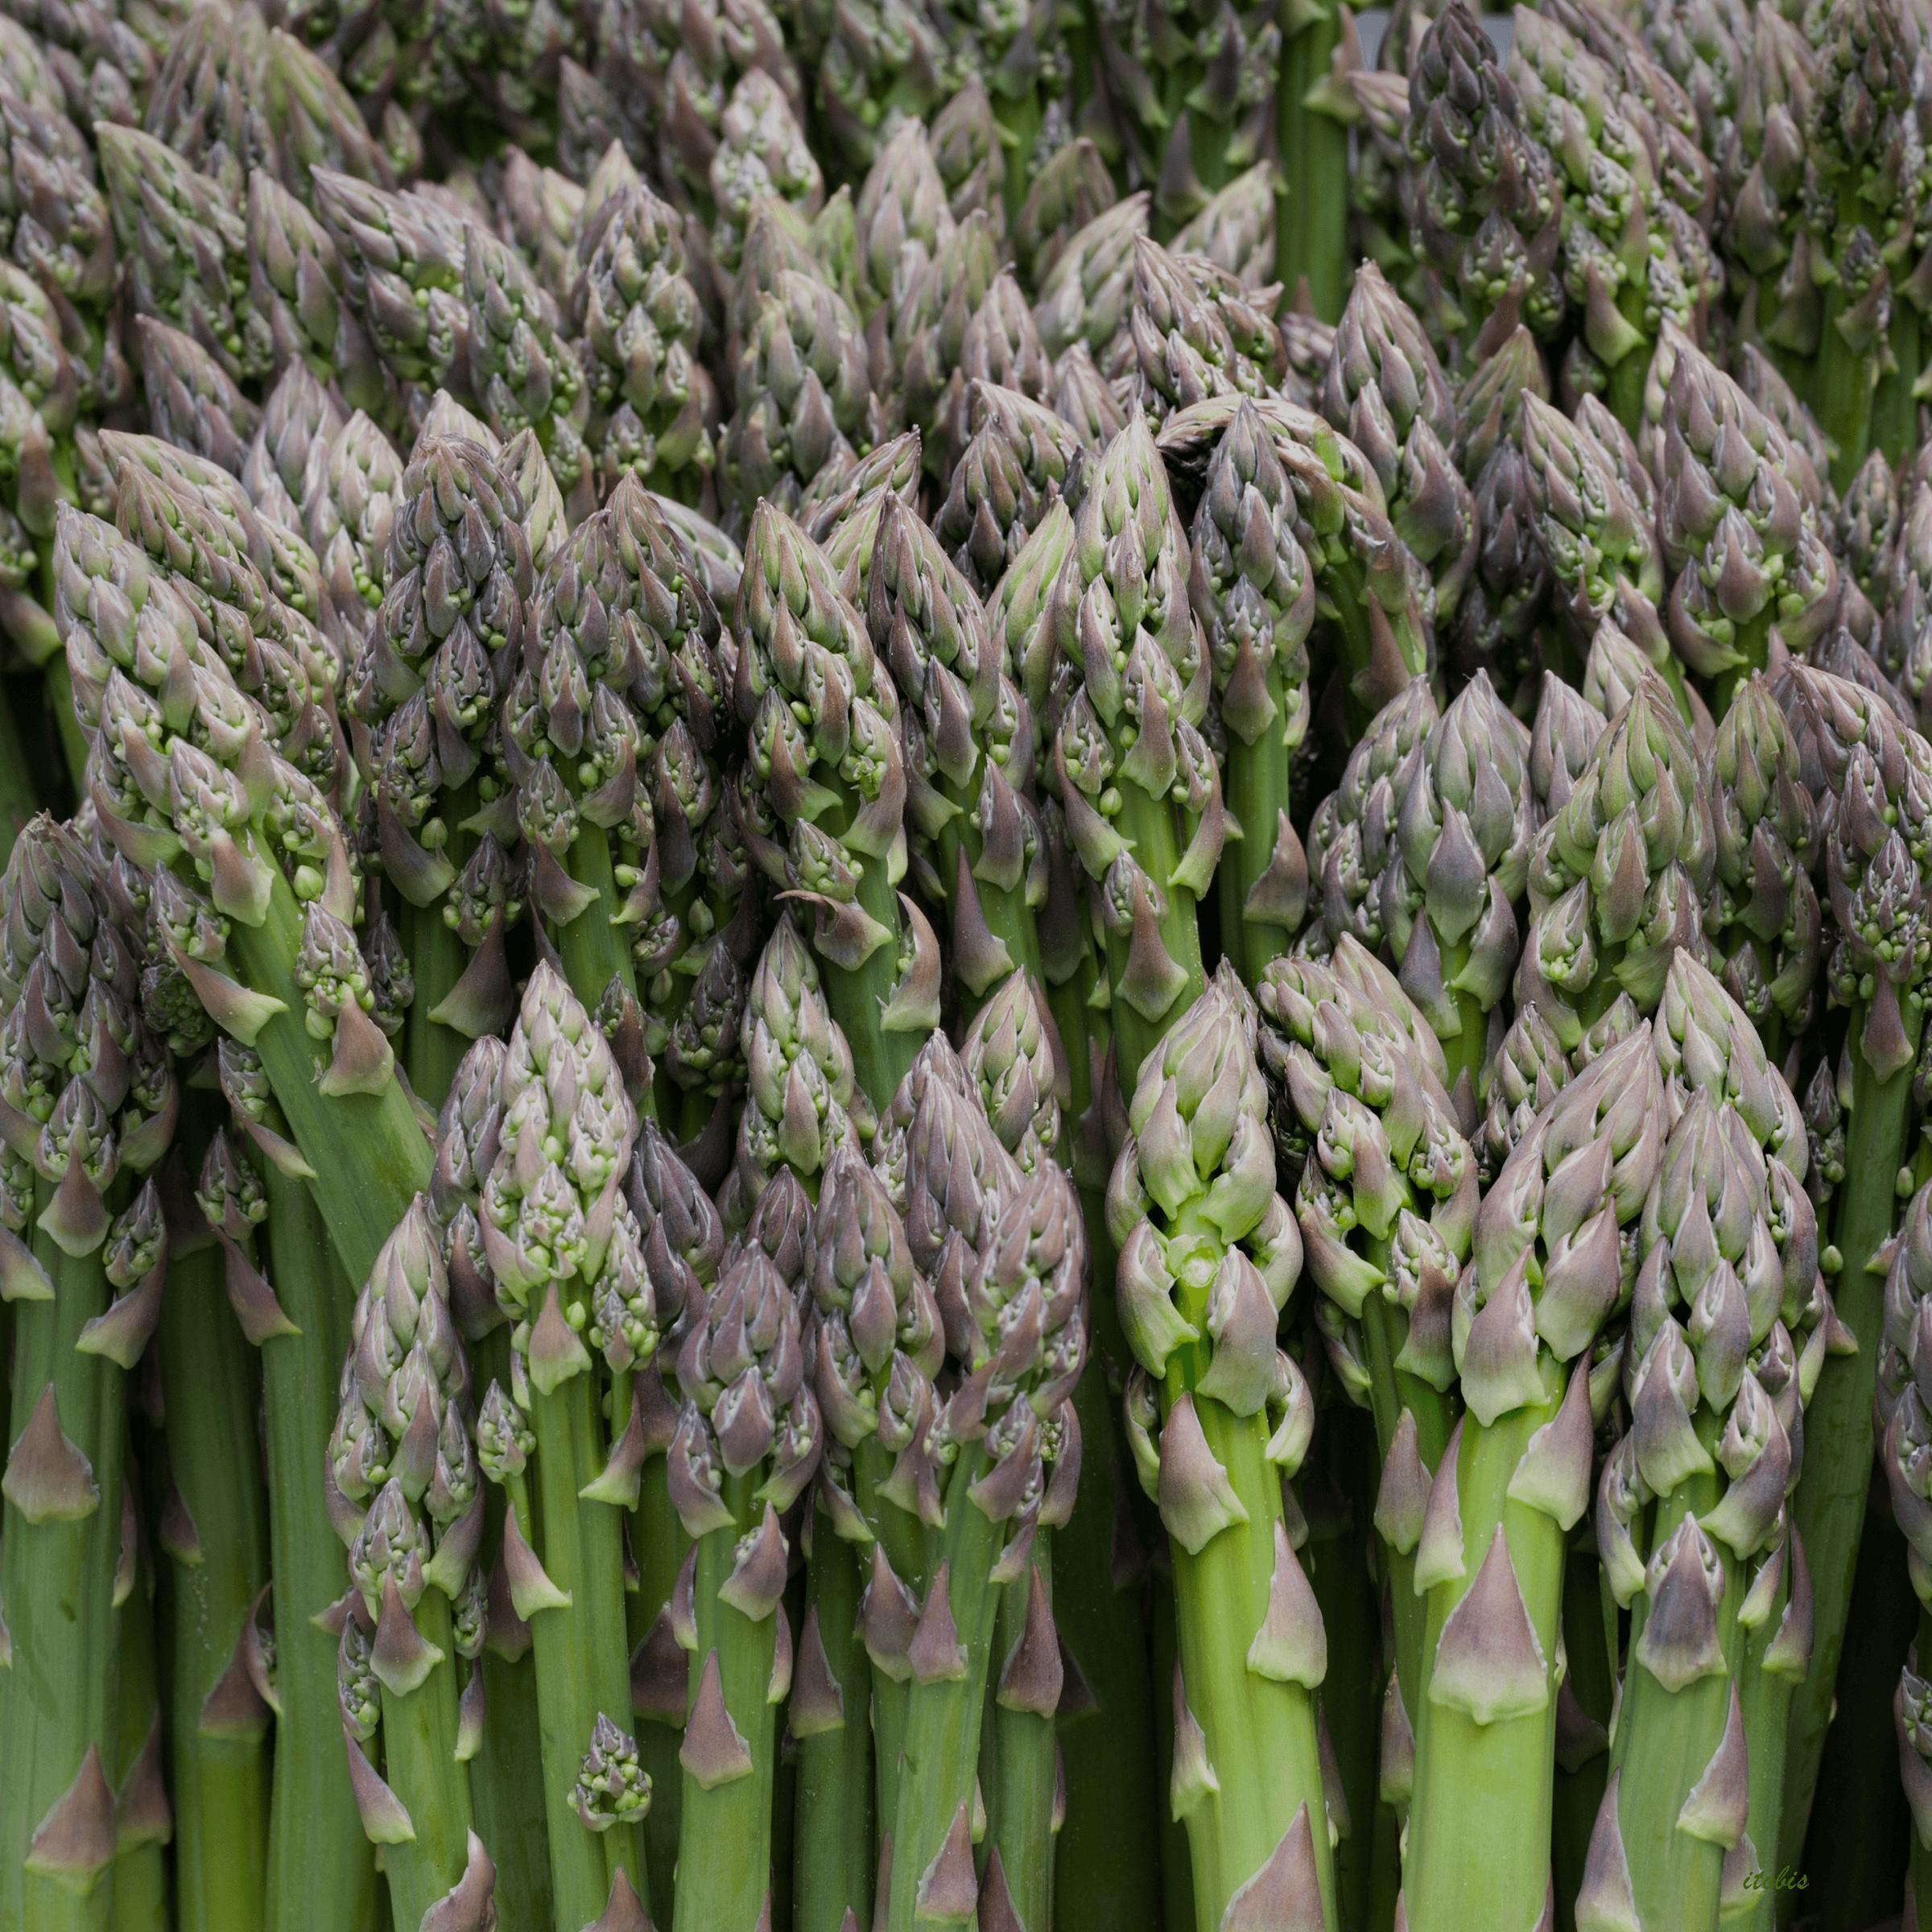 Asparagus at the Market - Rochon Garden - Ottawa Farmers' Market, Lansdowne Park, Ottawa, Ontario - photo by Irene Tobis